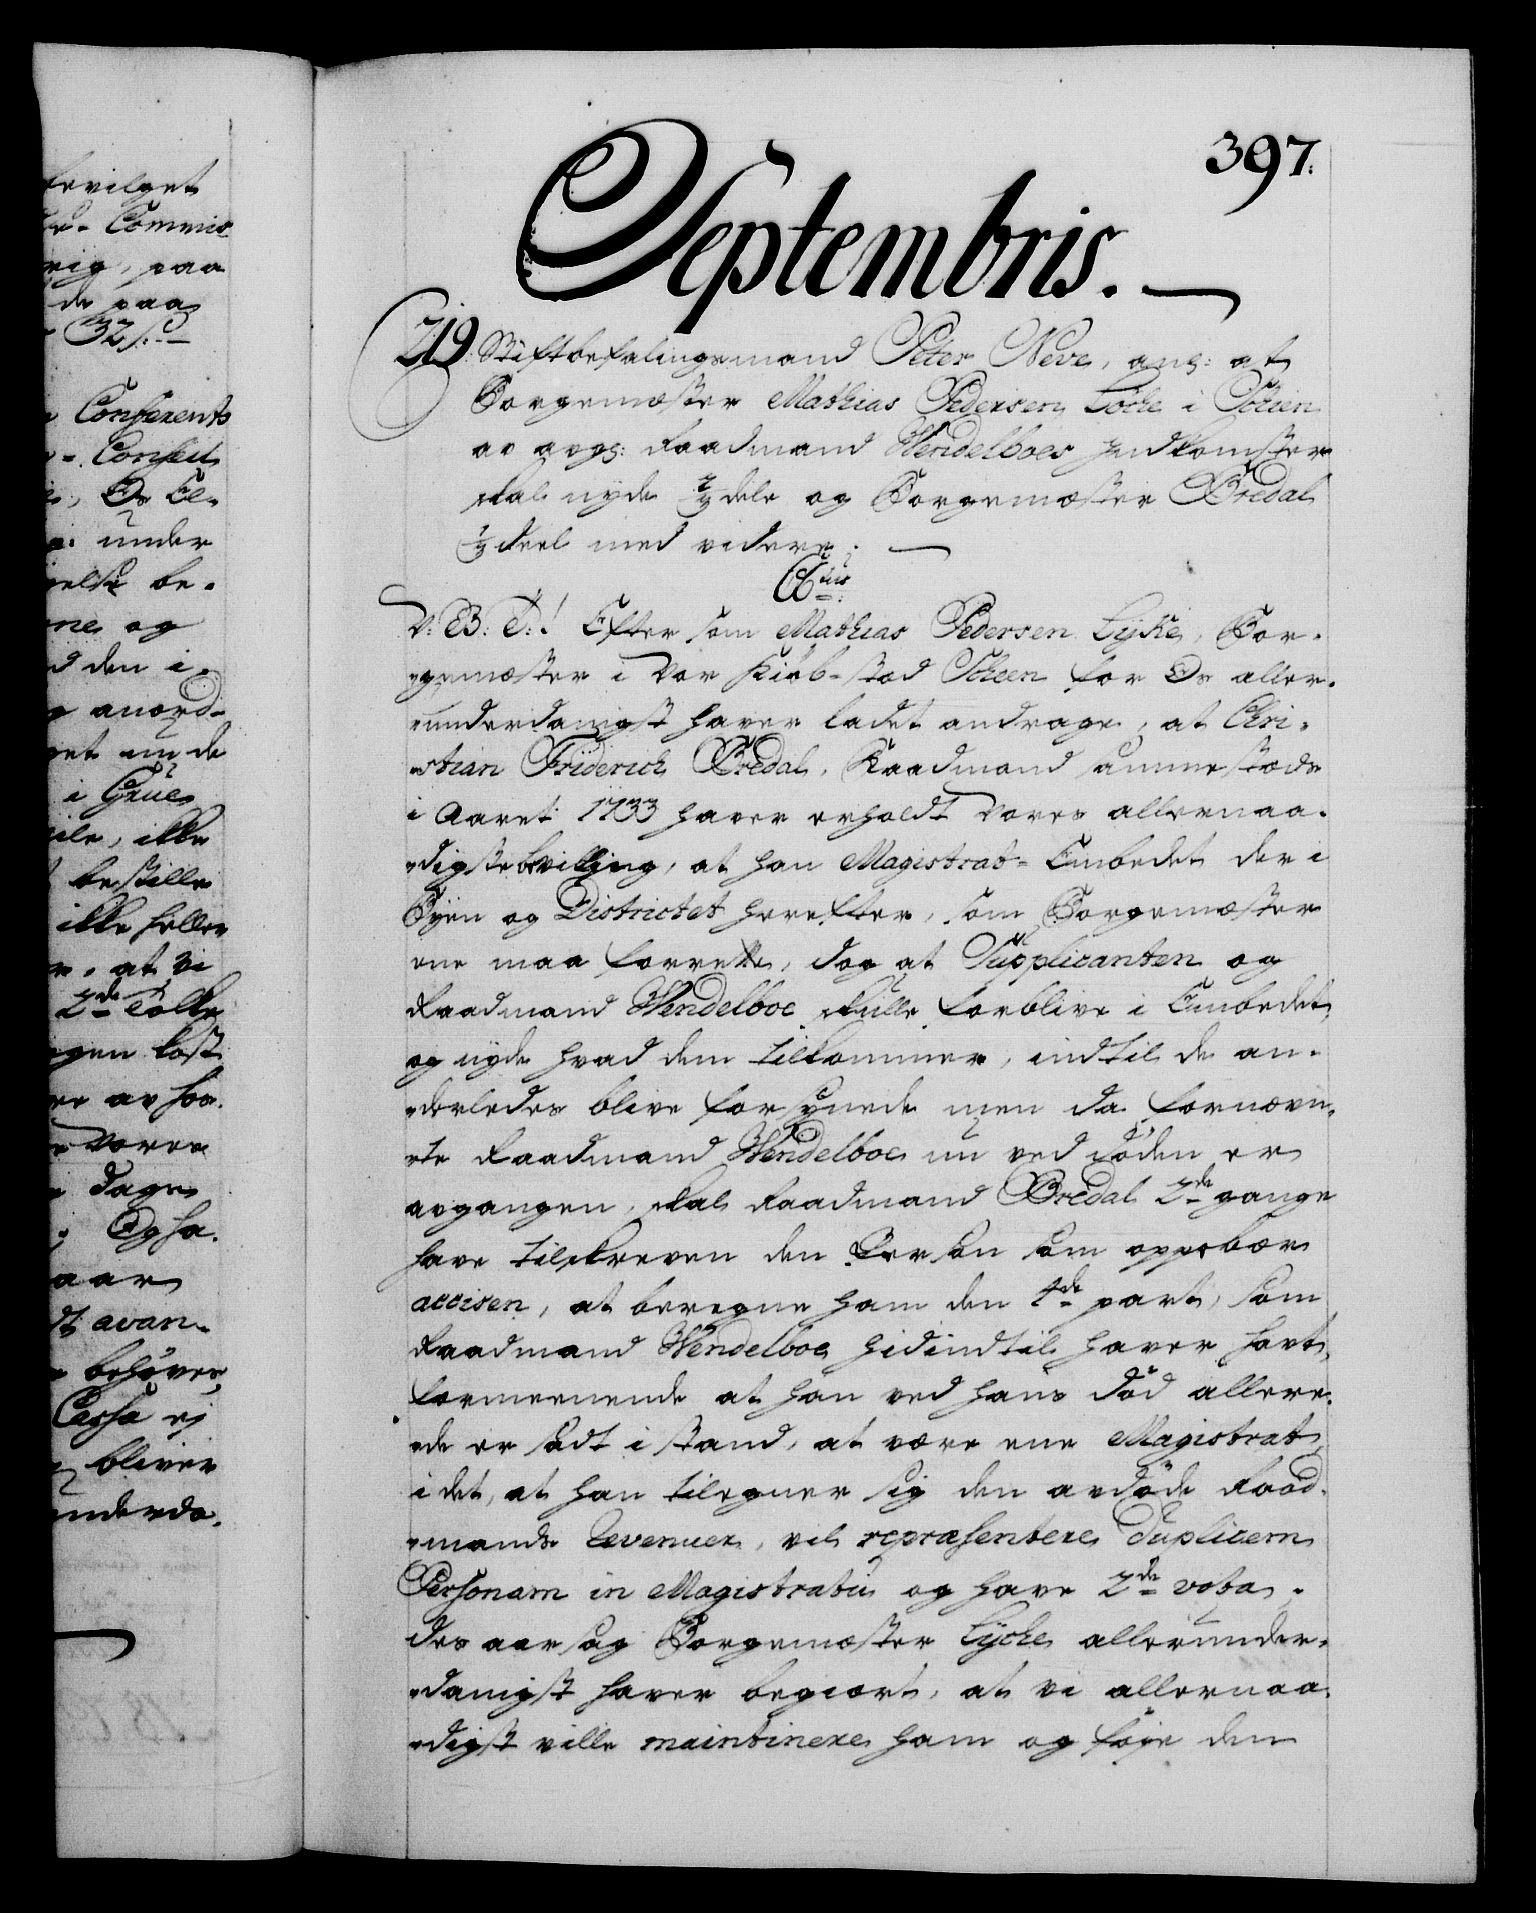 RA, Danske Kanselli 1572-1799, F/Fc/Fca/Fcab/L0028: Norske tegnelser, 1738-1740, s. 397a